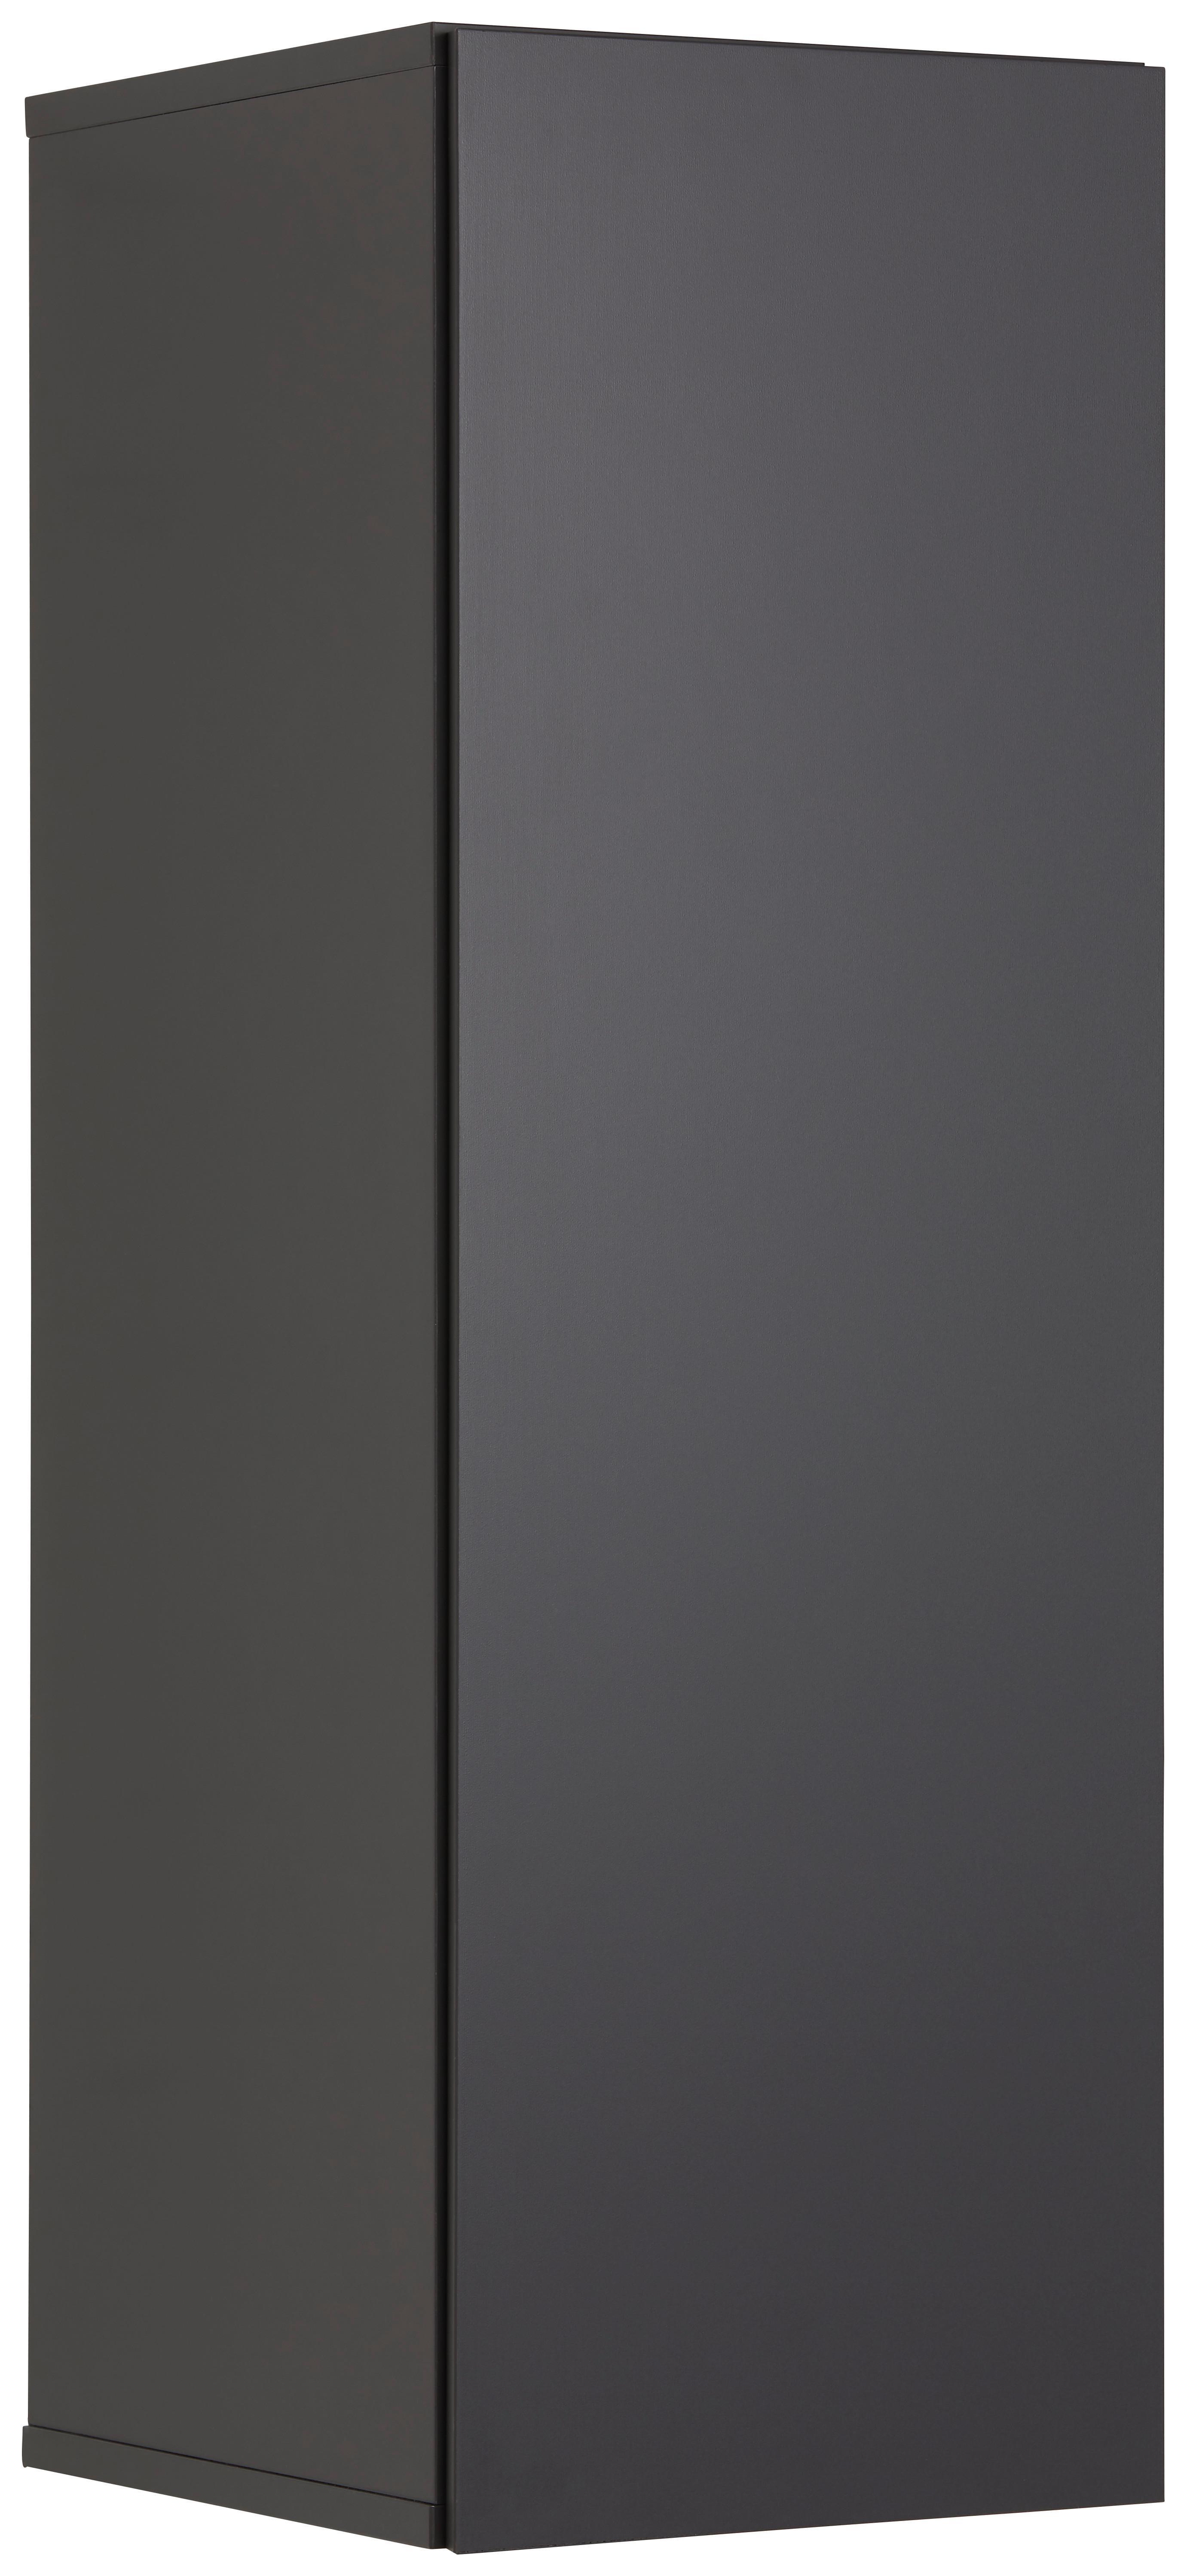 Image of Hängeschrank in Anthrazit ca. 90x30x34cm